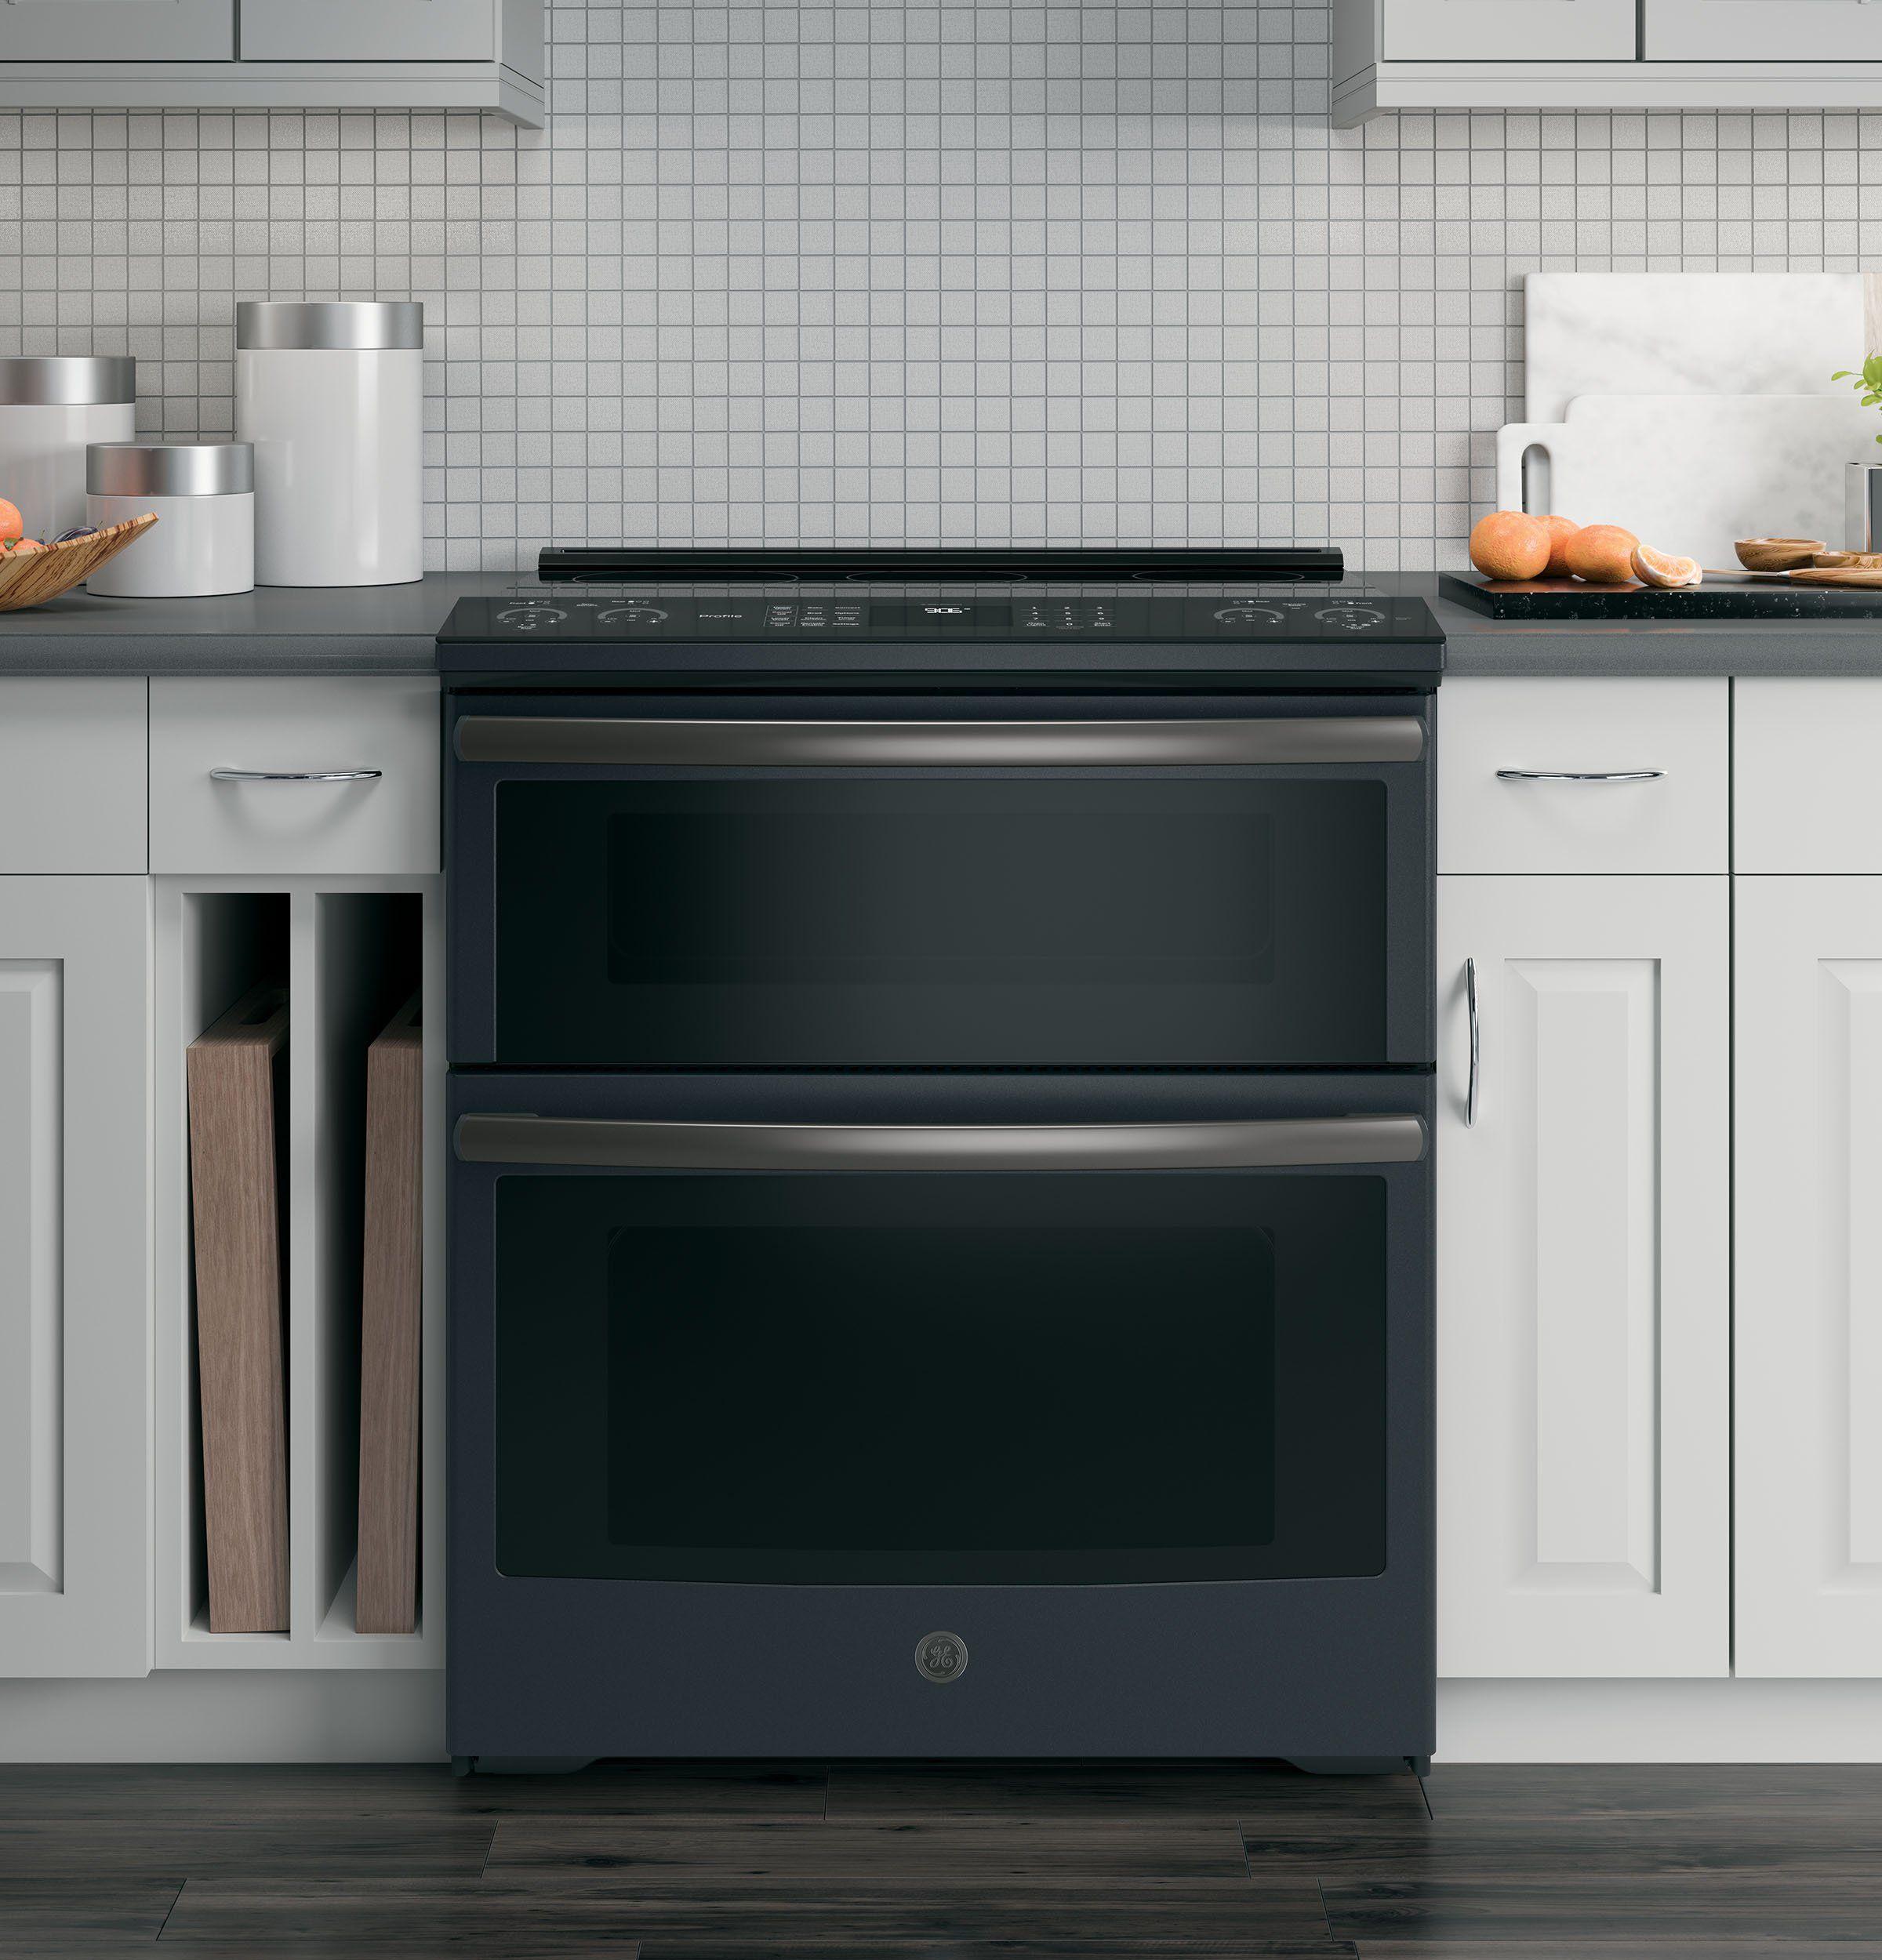 Double Oven Convection Smart Range